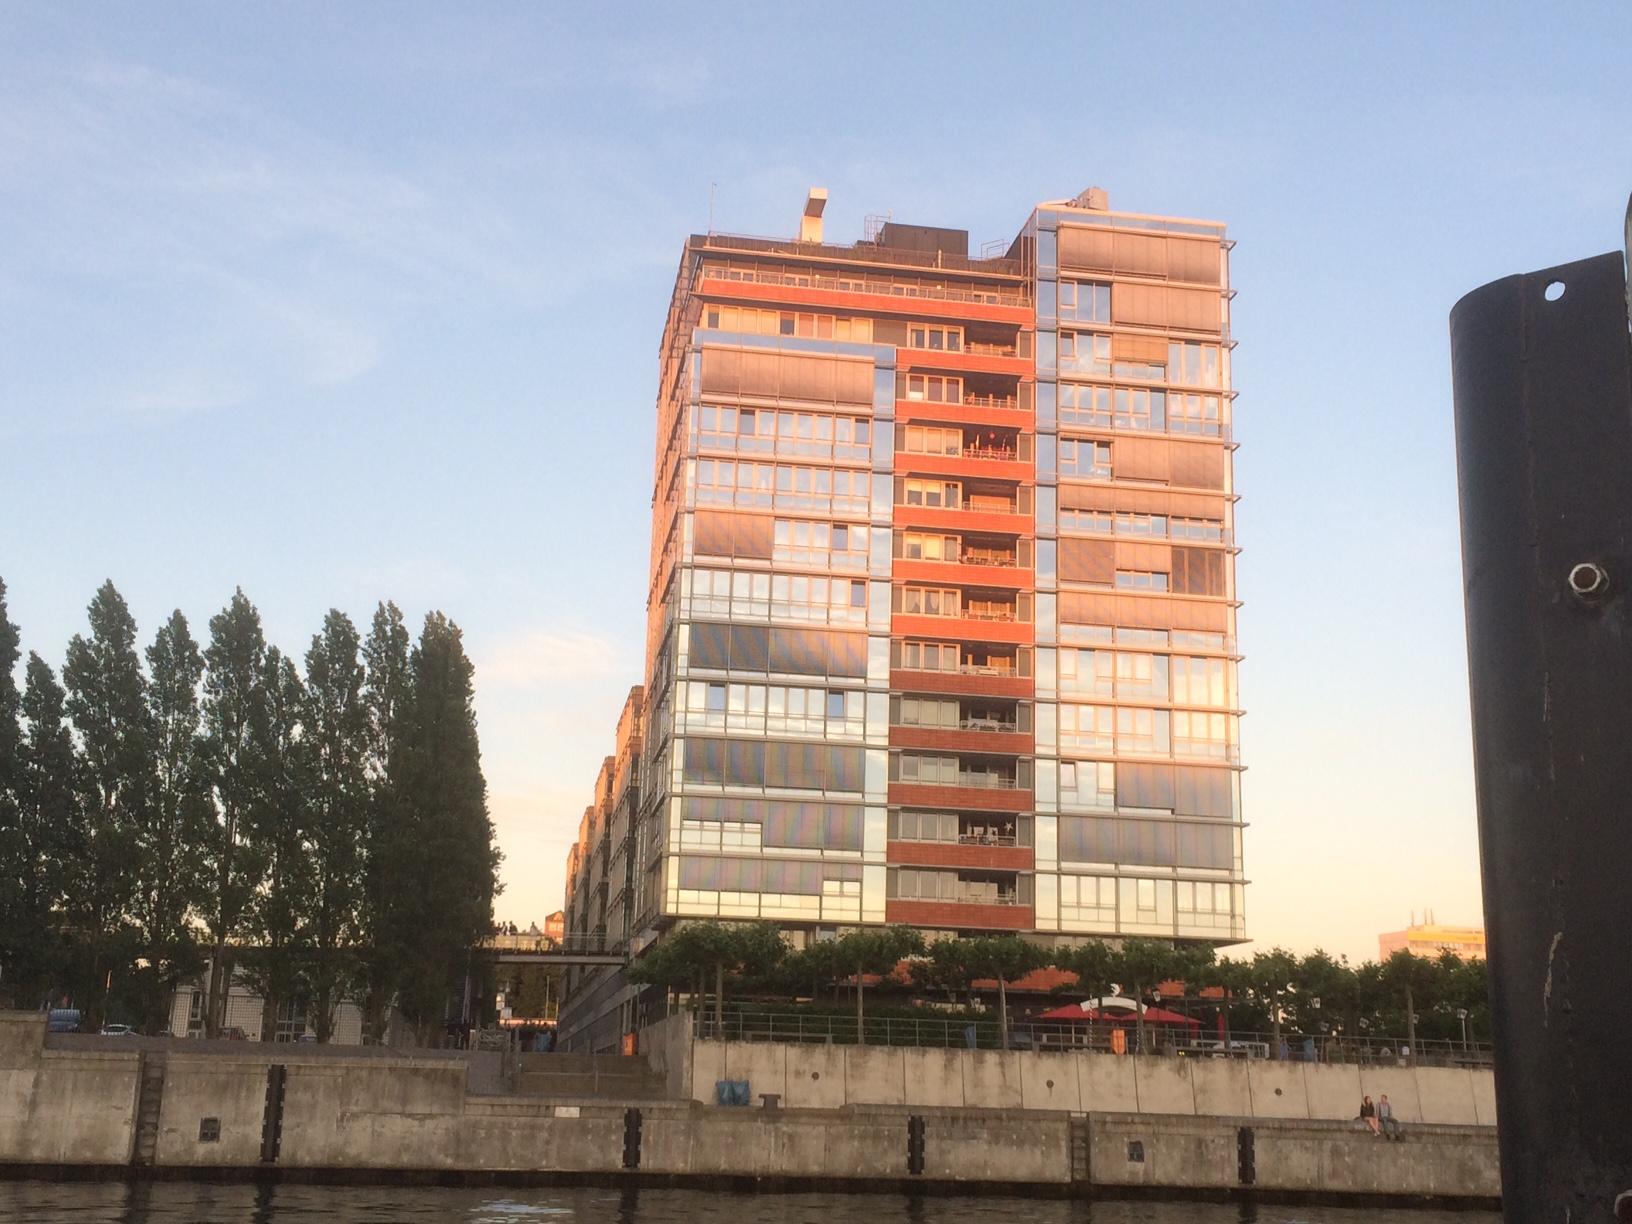 Kiel (2016)